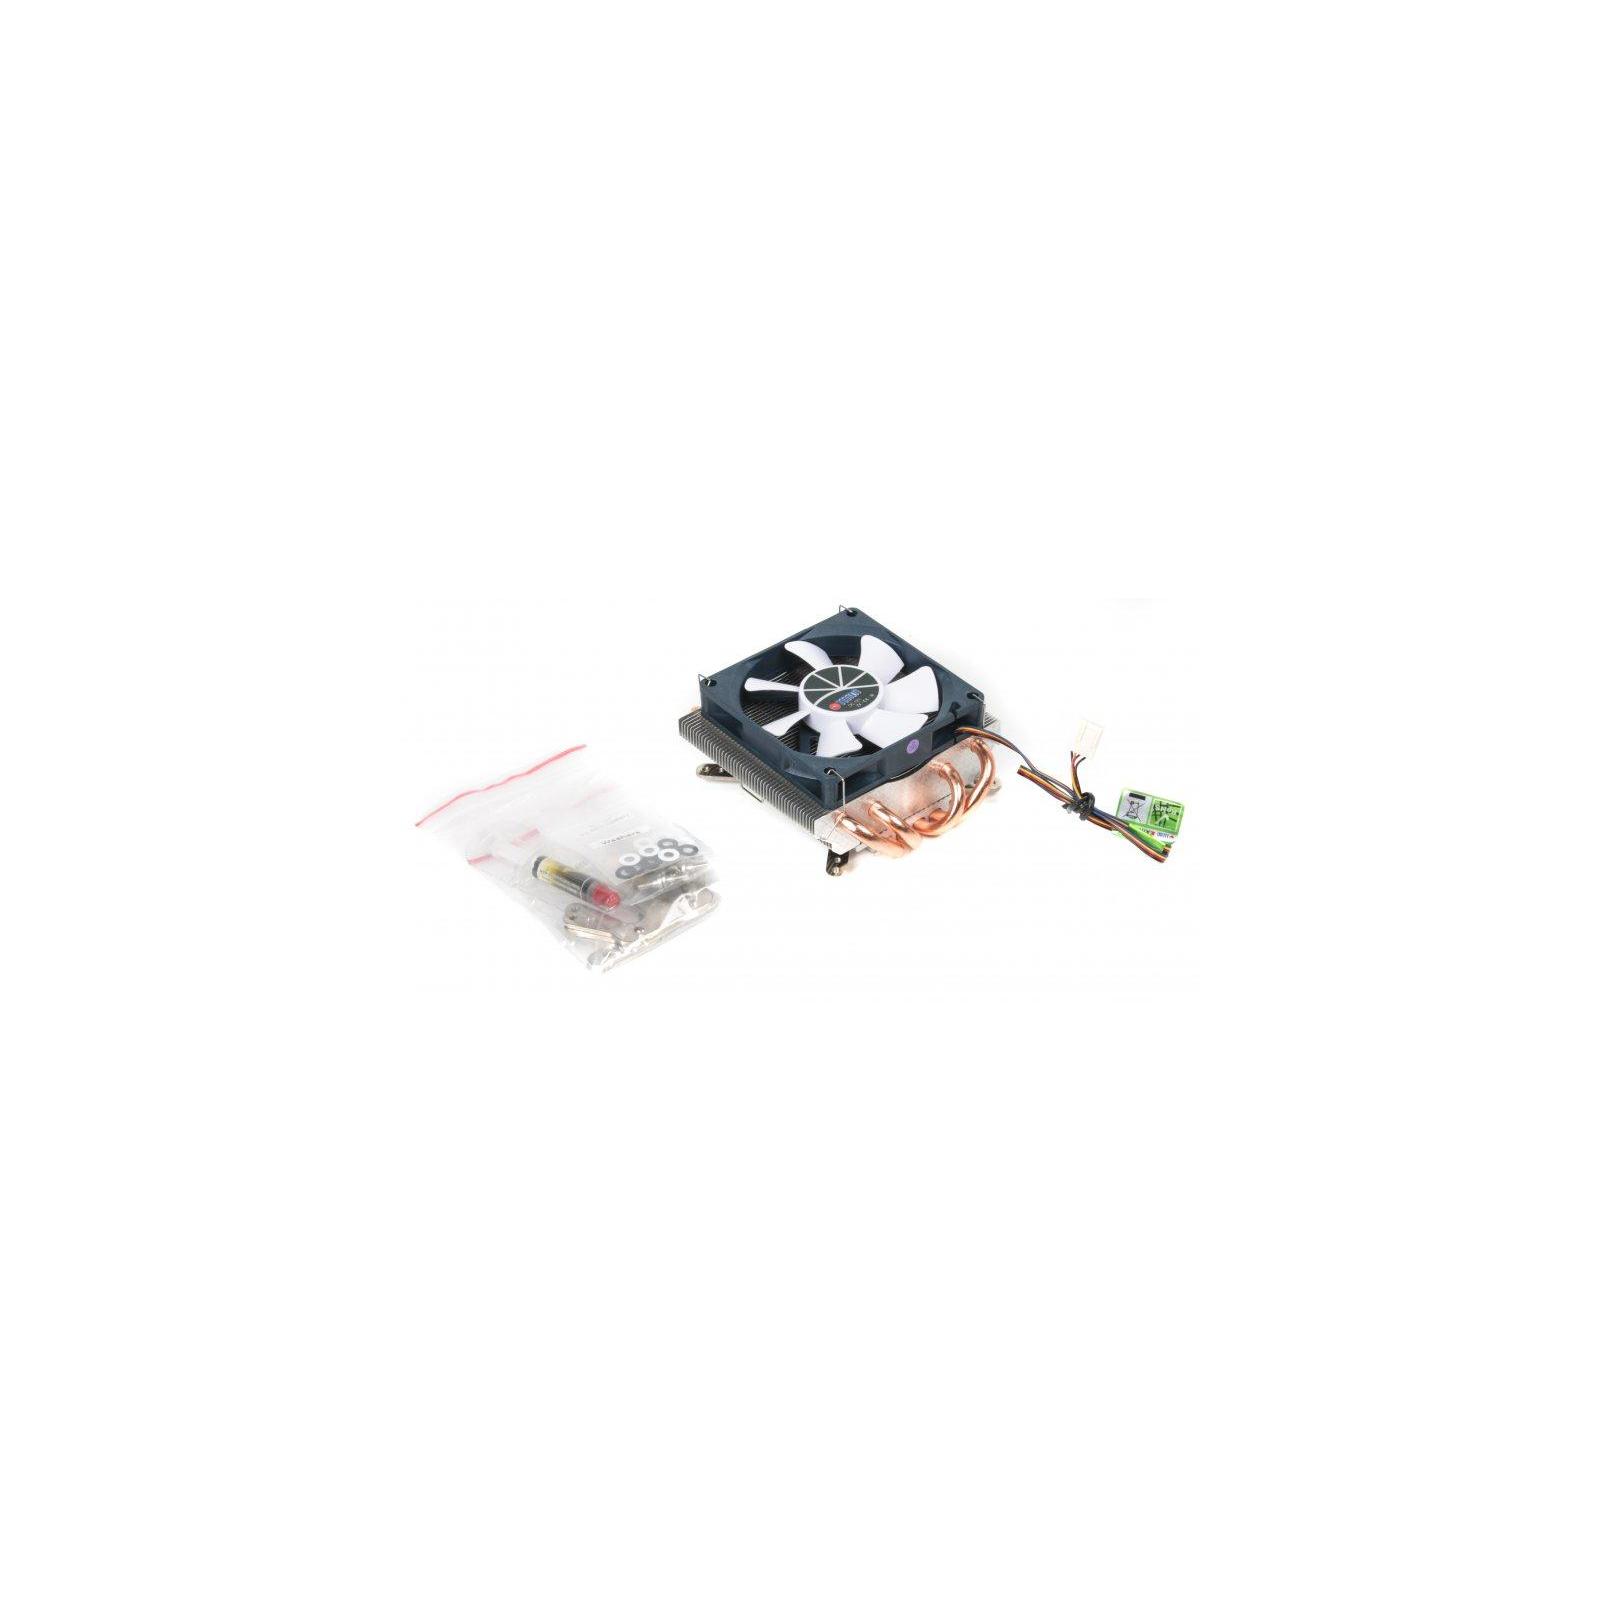 Кулер для процессора Titan TTC-NC25TZ/PW/V2(RB) изображение 3